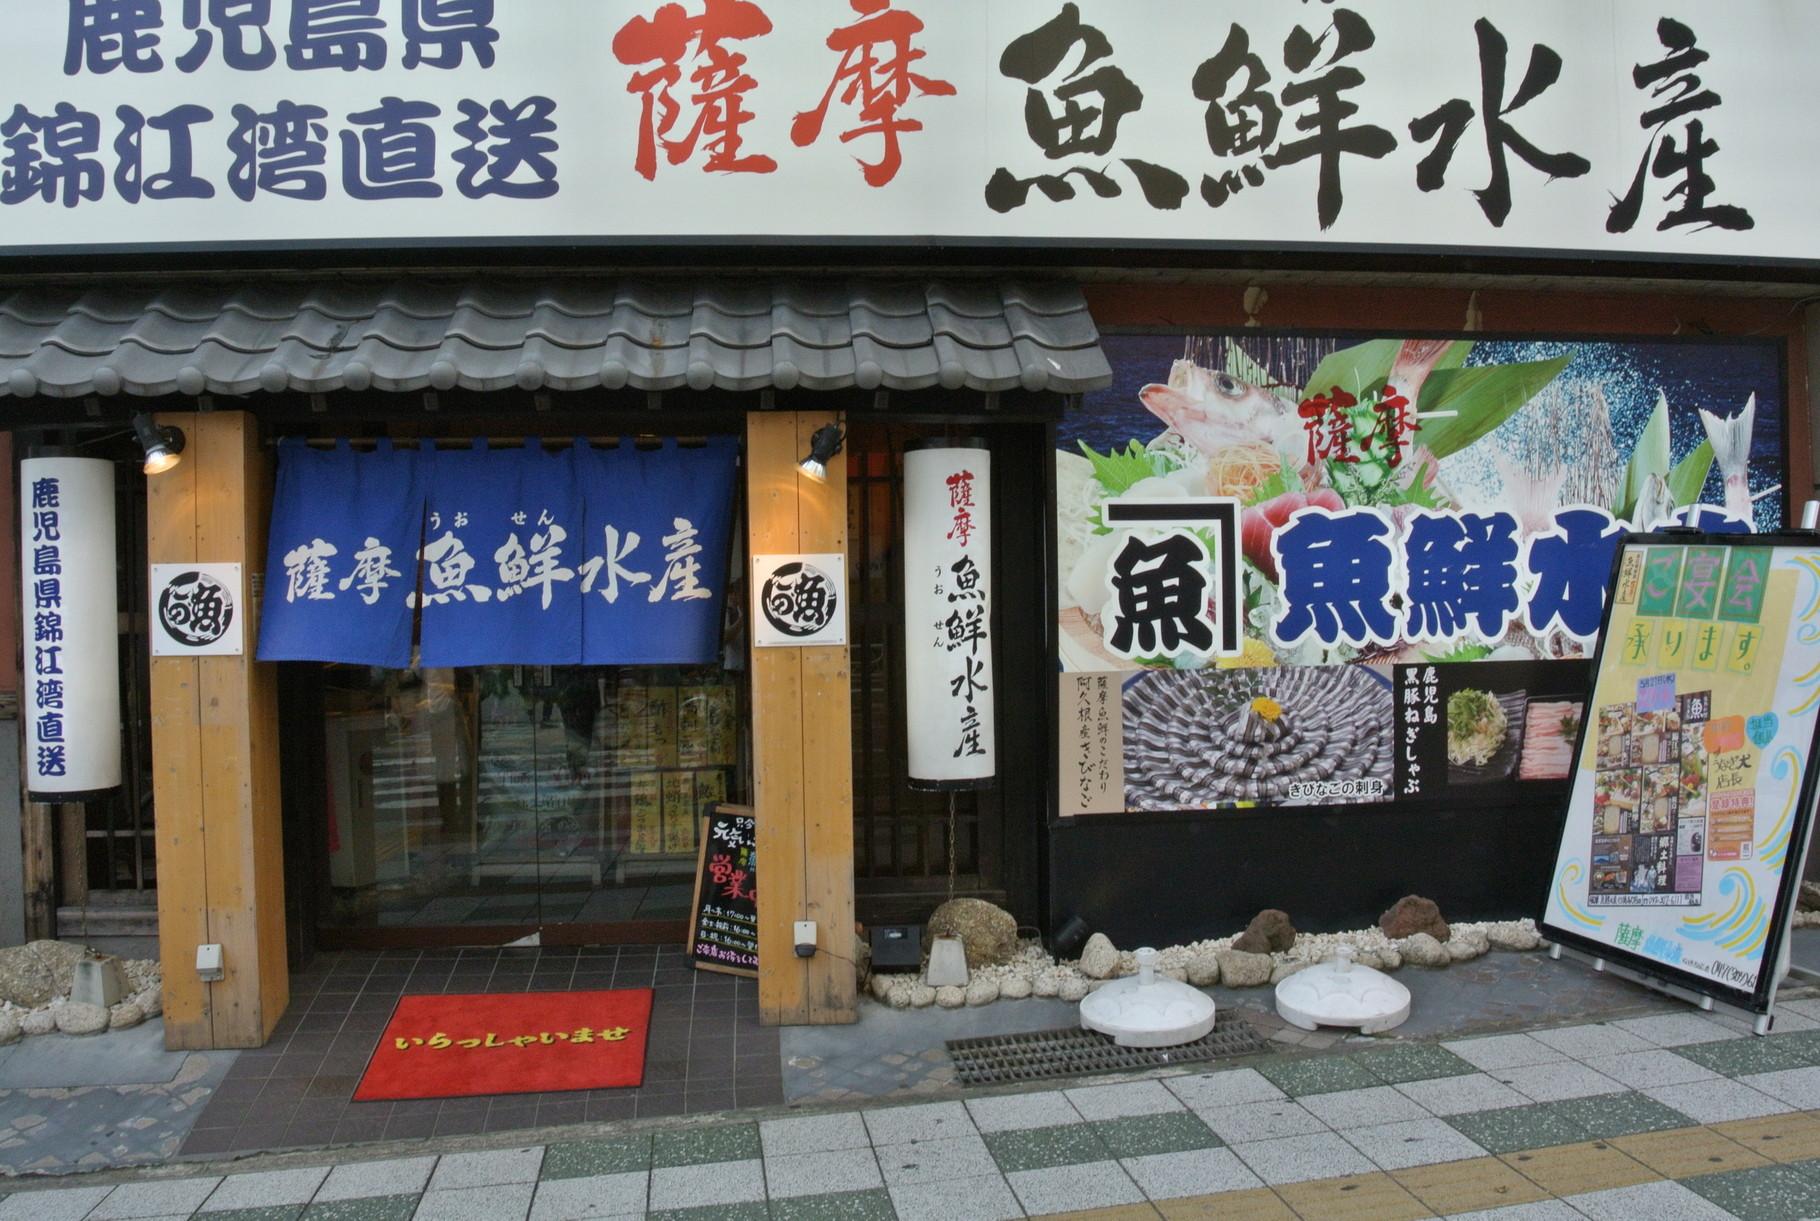 行徳駅前のお店で打ち上げ(その後M8.5の地震あり)